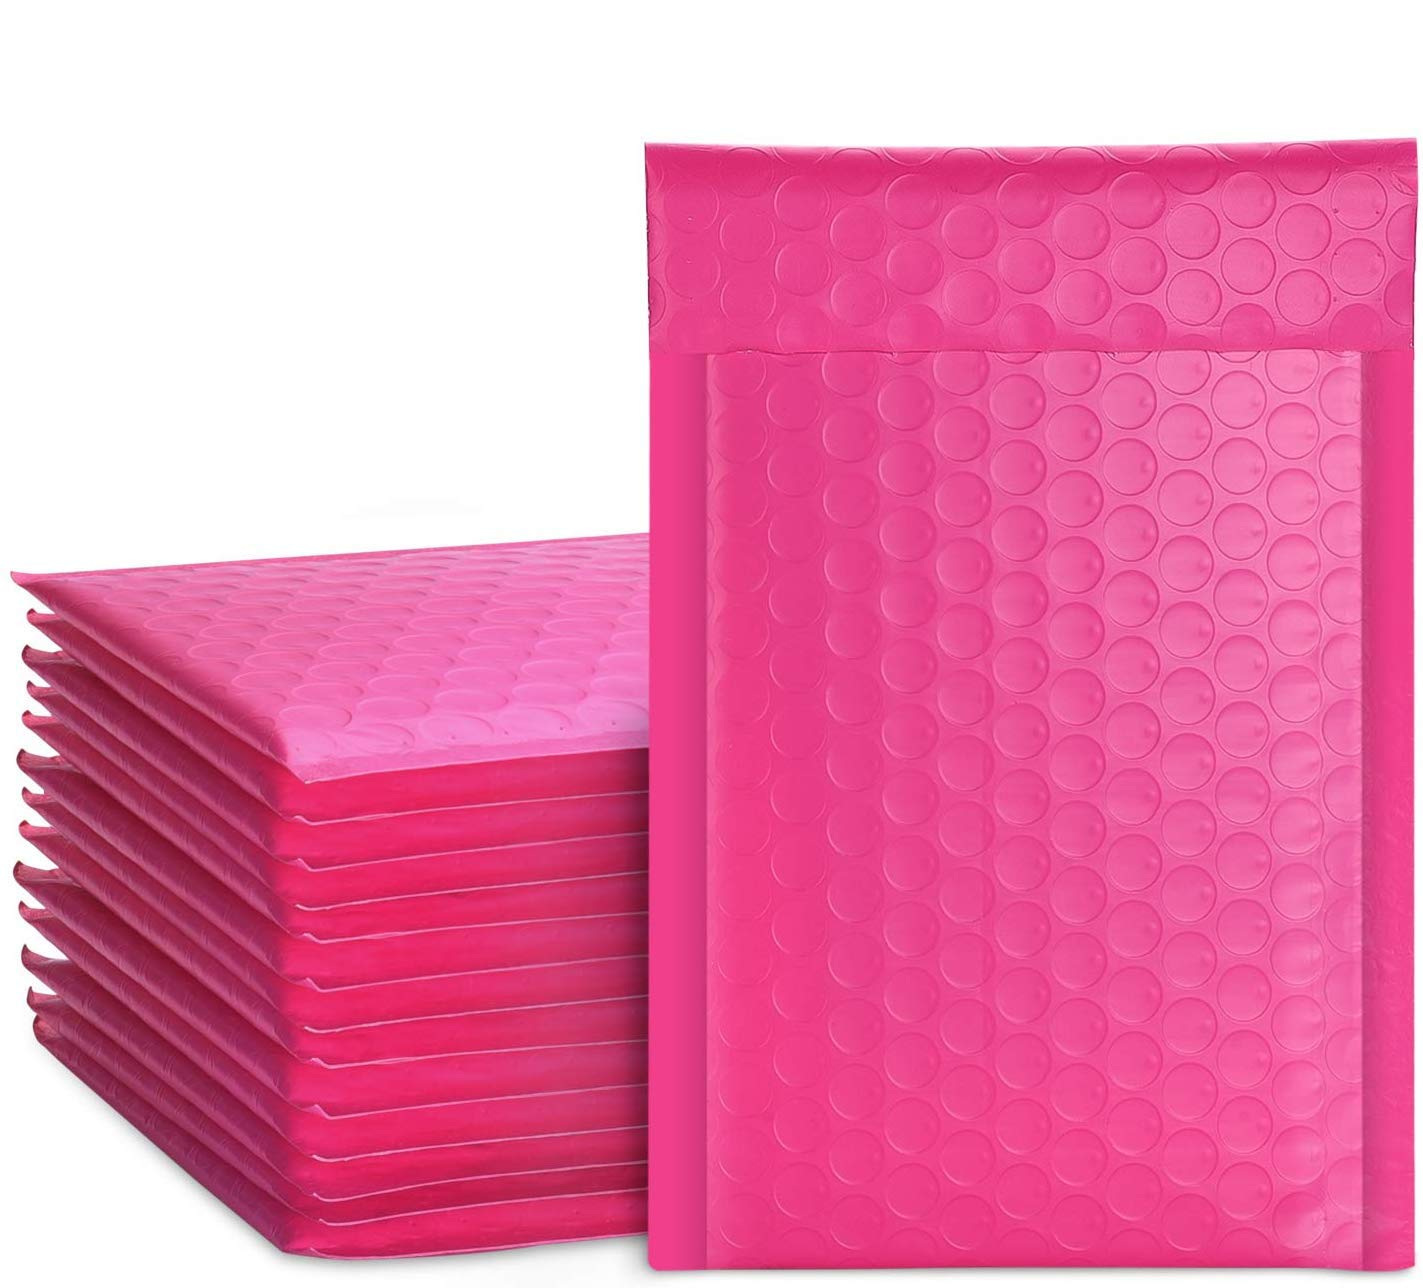 50 шт. конверт с пузырьками, конверт с жемчужной пленкой, Подарочный конверт, книжка и журнал, конверт с подкладкой, самостоятельная упаковка ...